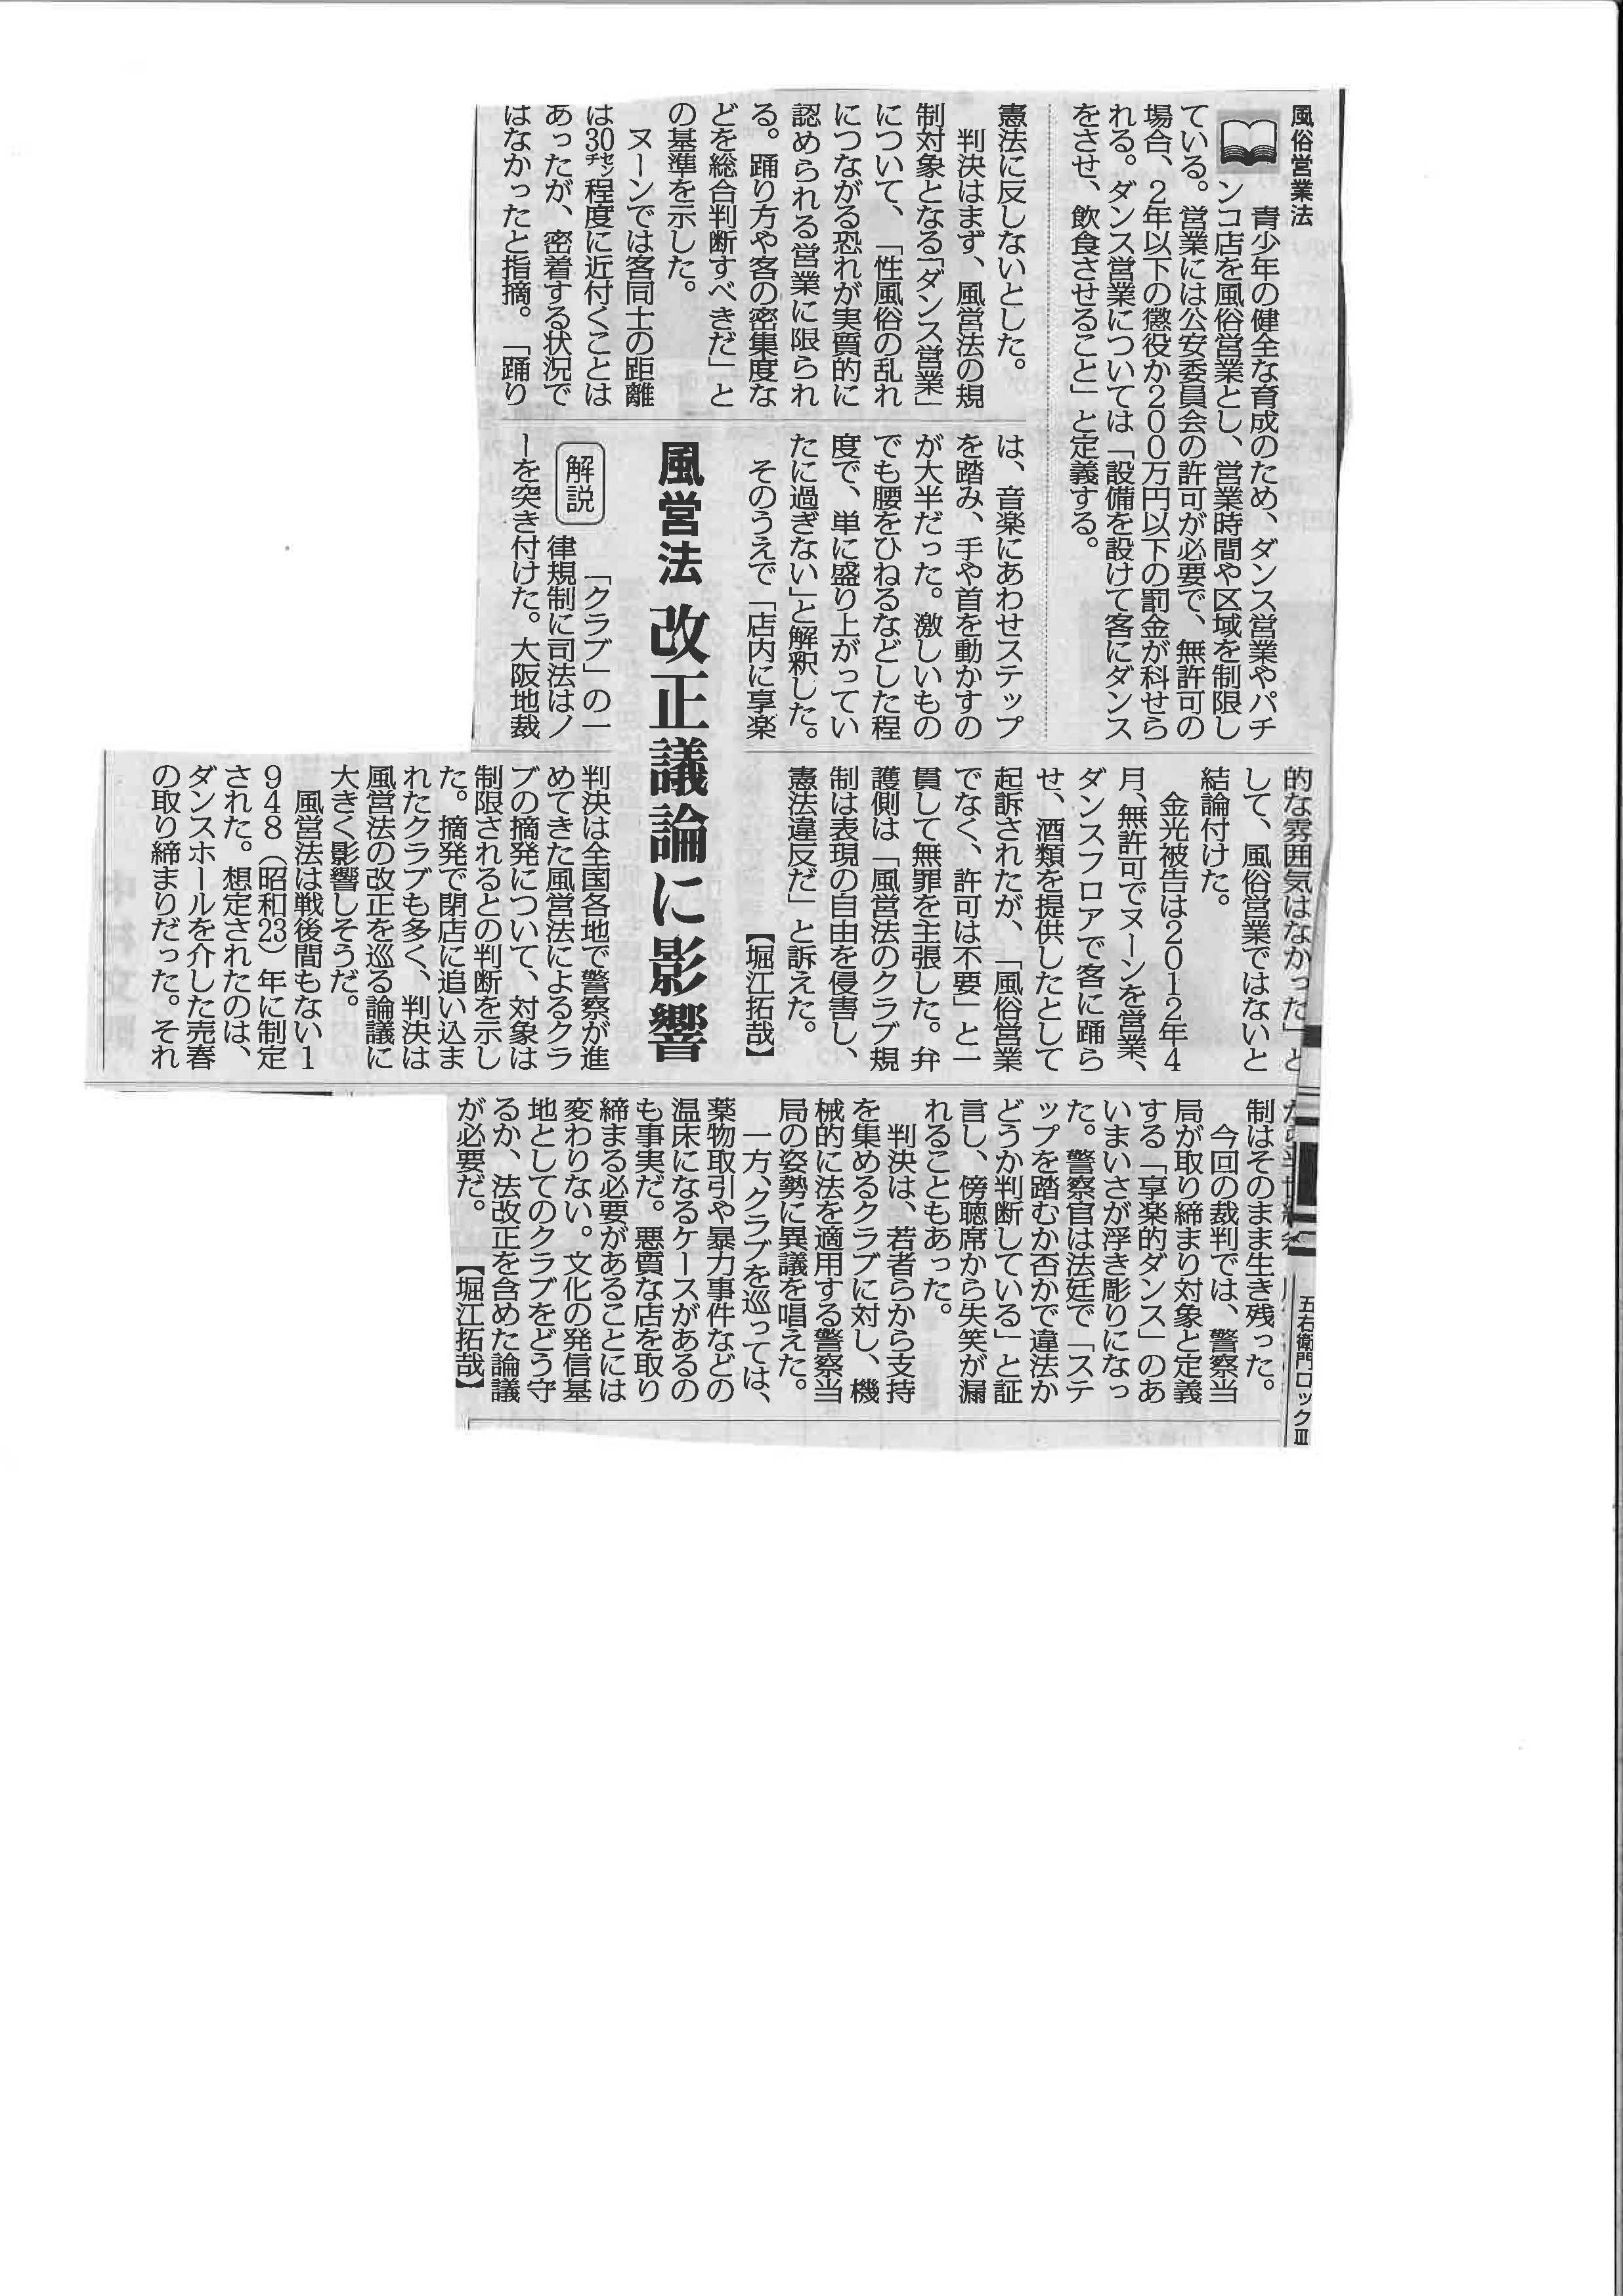 風俗営業3号許可(クラブ)ダンス規制「20140425無許可ダンス営業無罪_2」